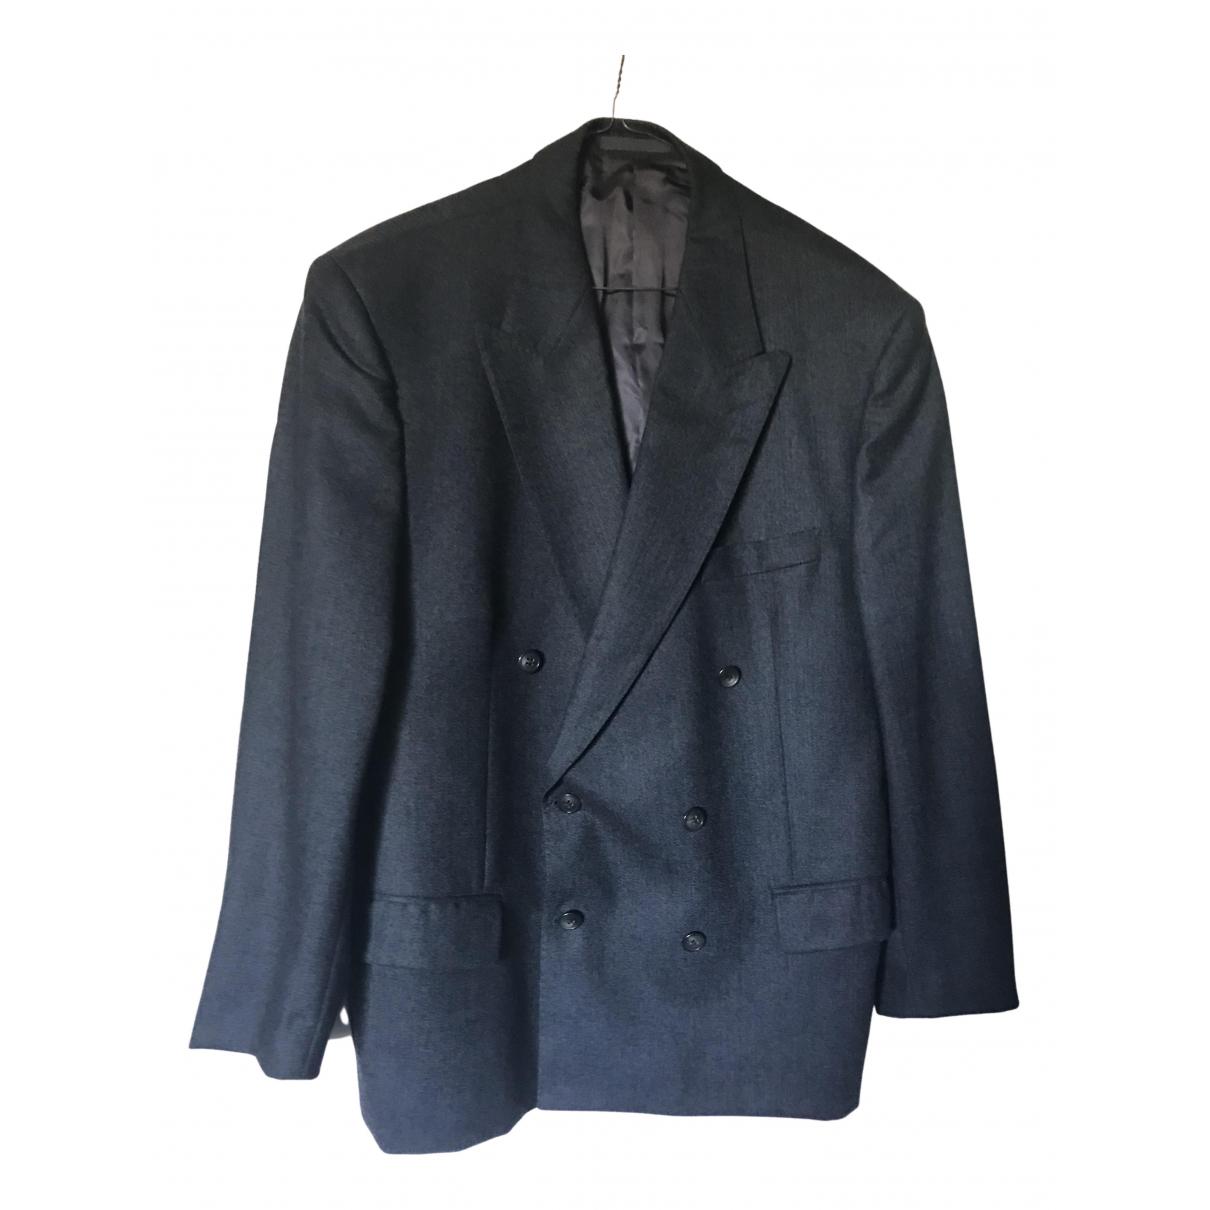 Yves Saint Laurent - Vestes.Blousons   pour homme en laine - anthracite